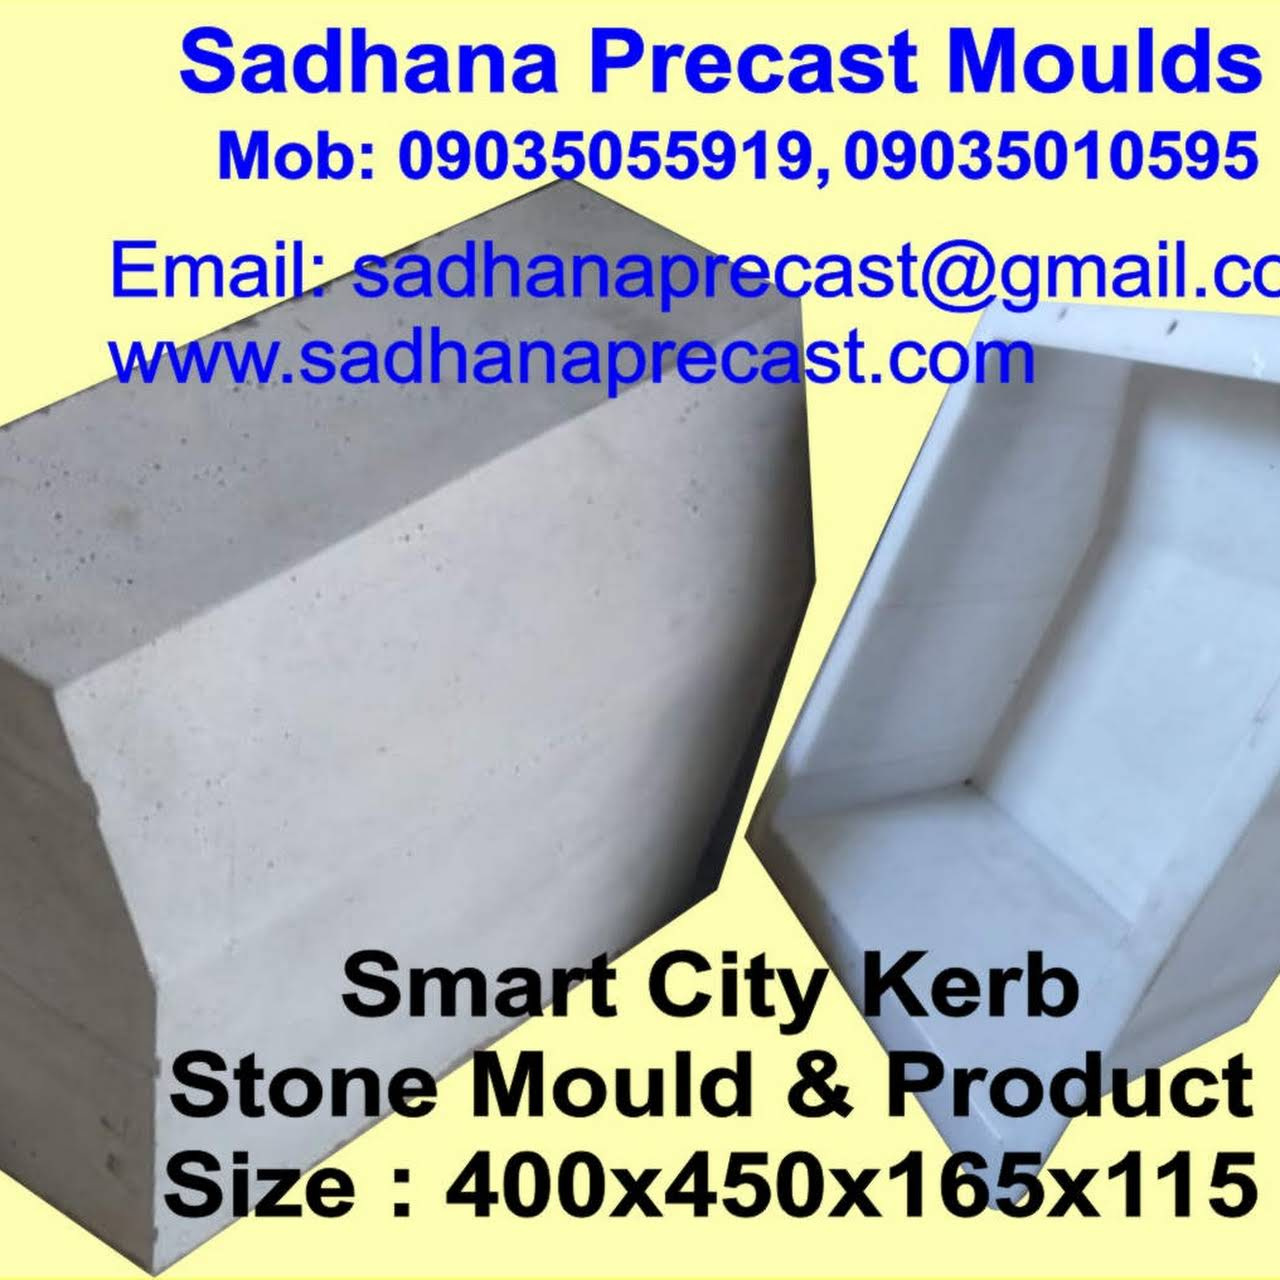 Sadhana Precast Concrete Moulds - Precast Modular Home